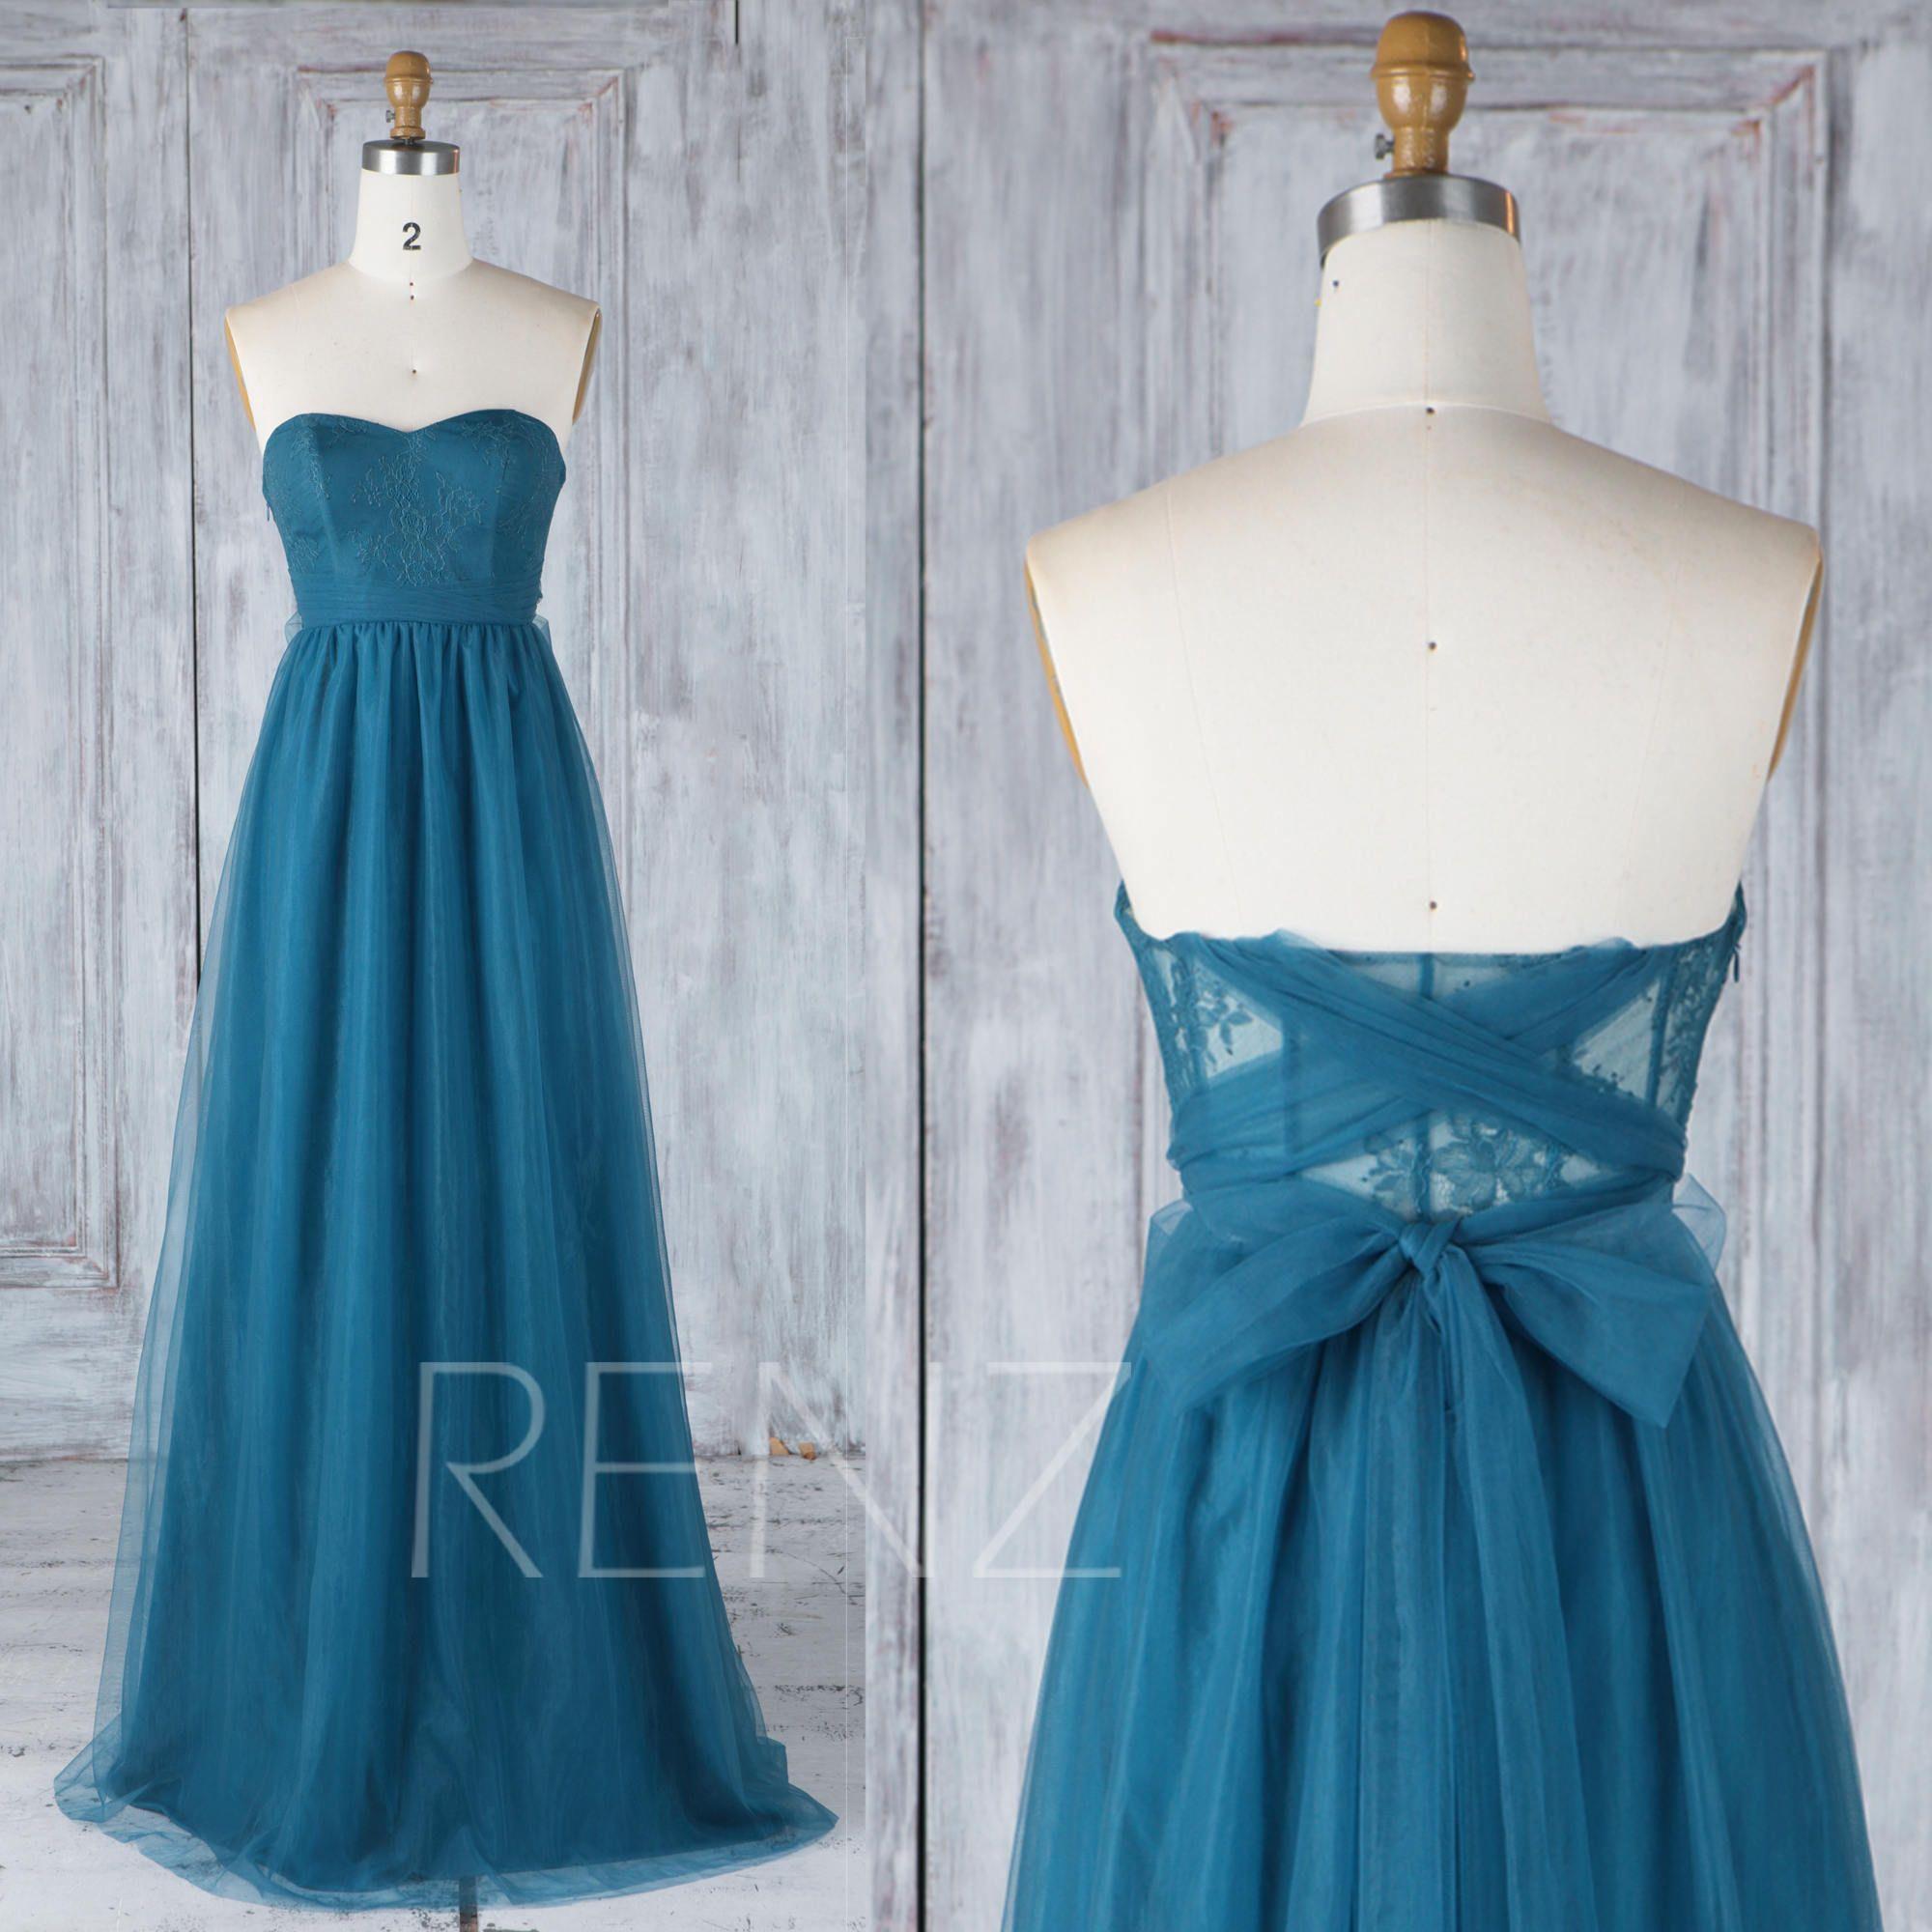 Bridesmaid dress ink blue tulle wedding dress with sashlace